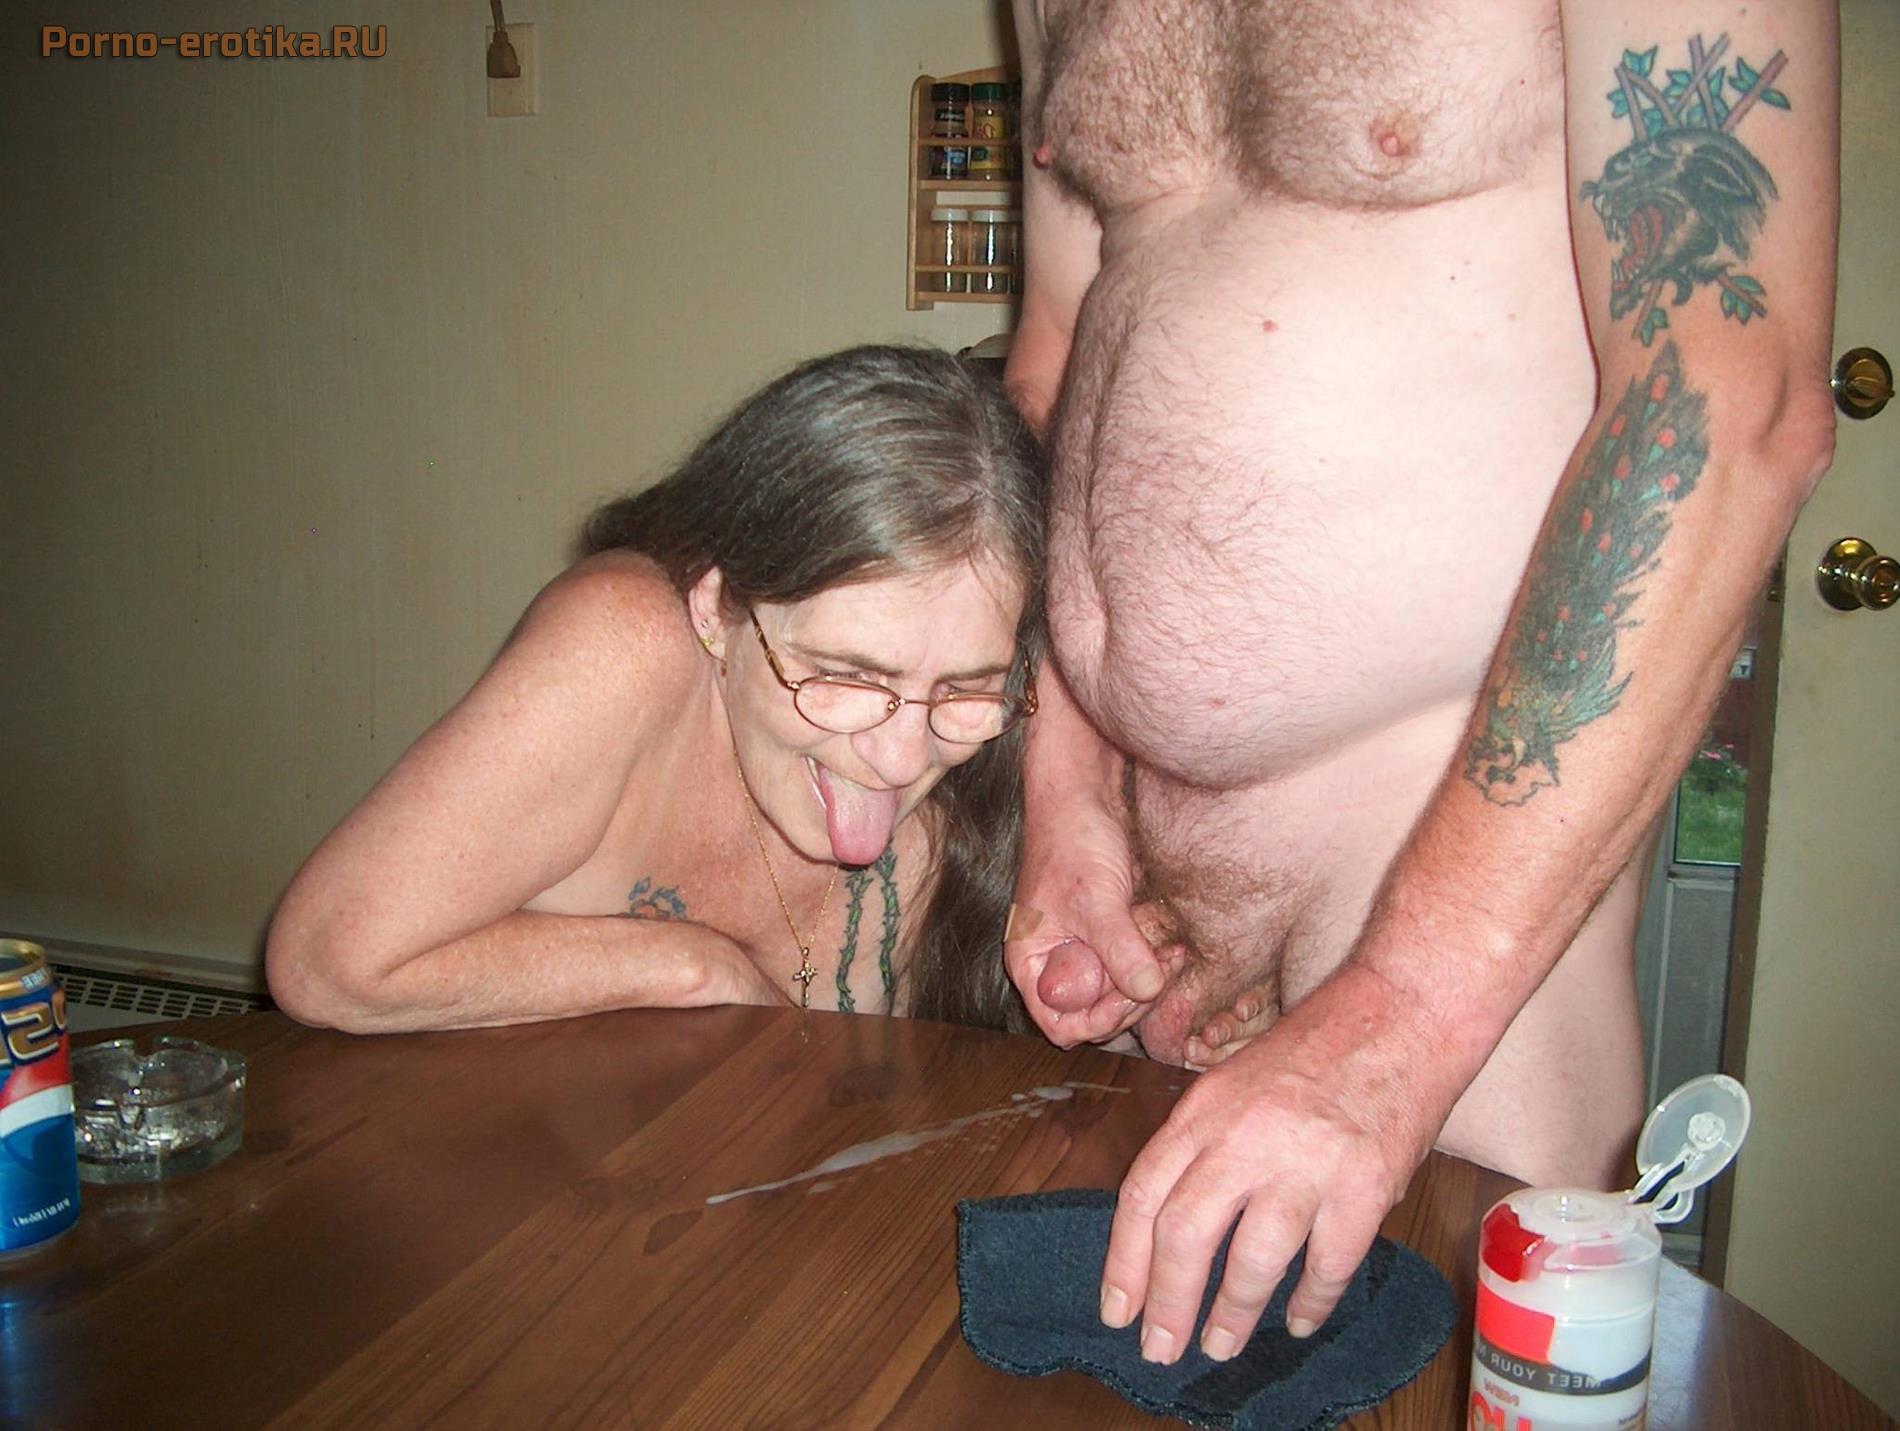 Дедушкам бабушка надрачивает старым